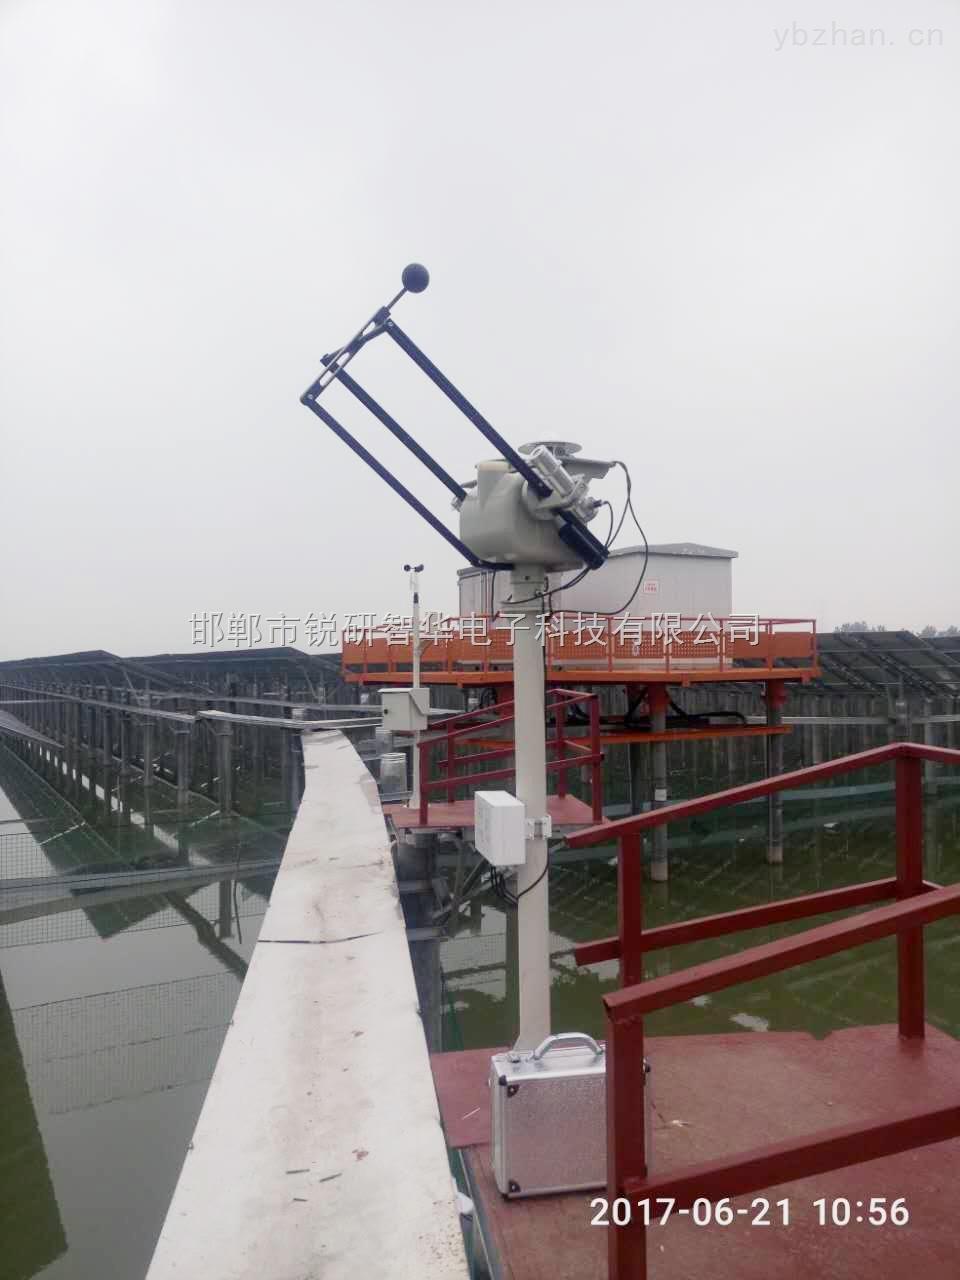 RY-Saut-3全自动跟踪太阳辐射仪